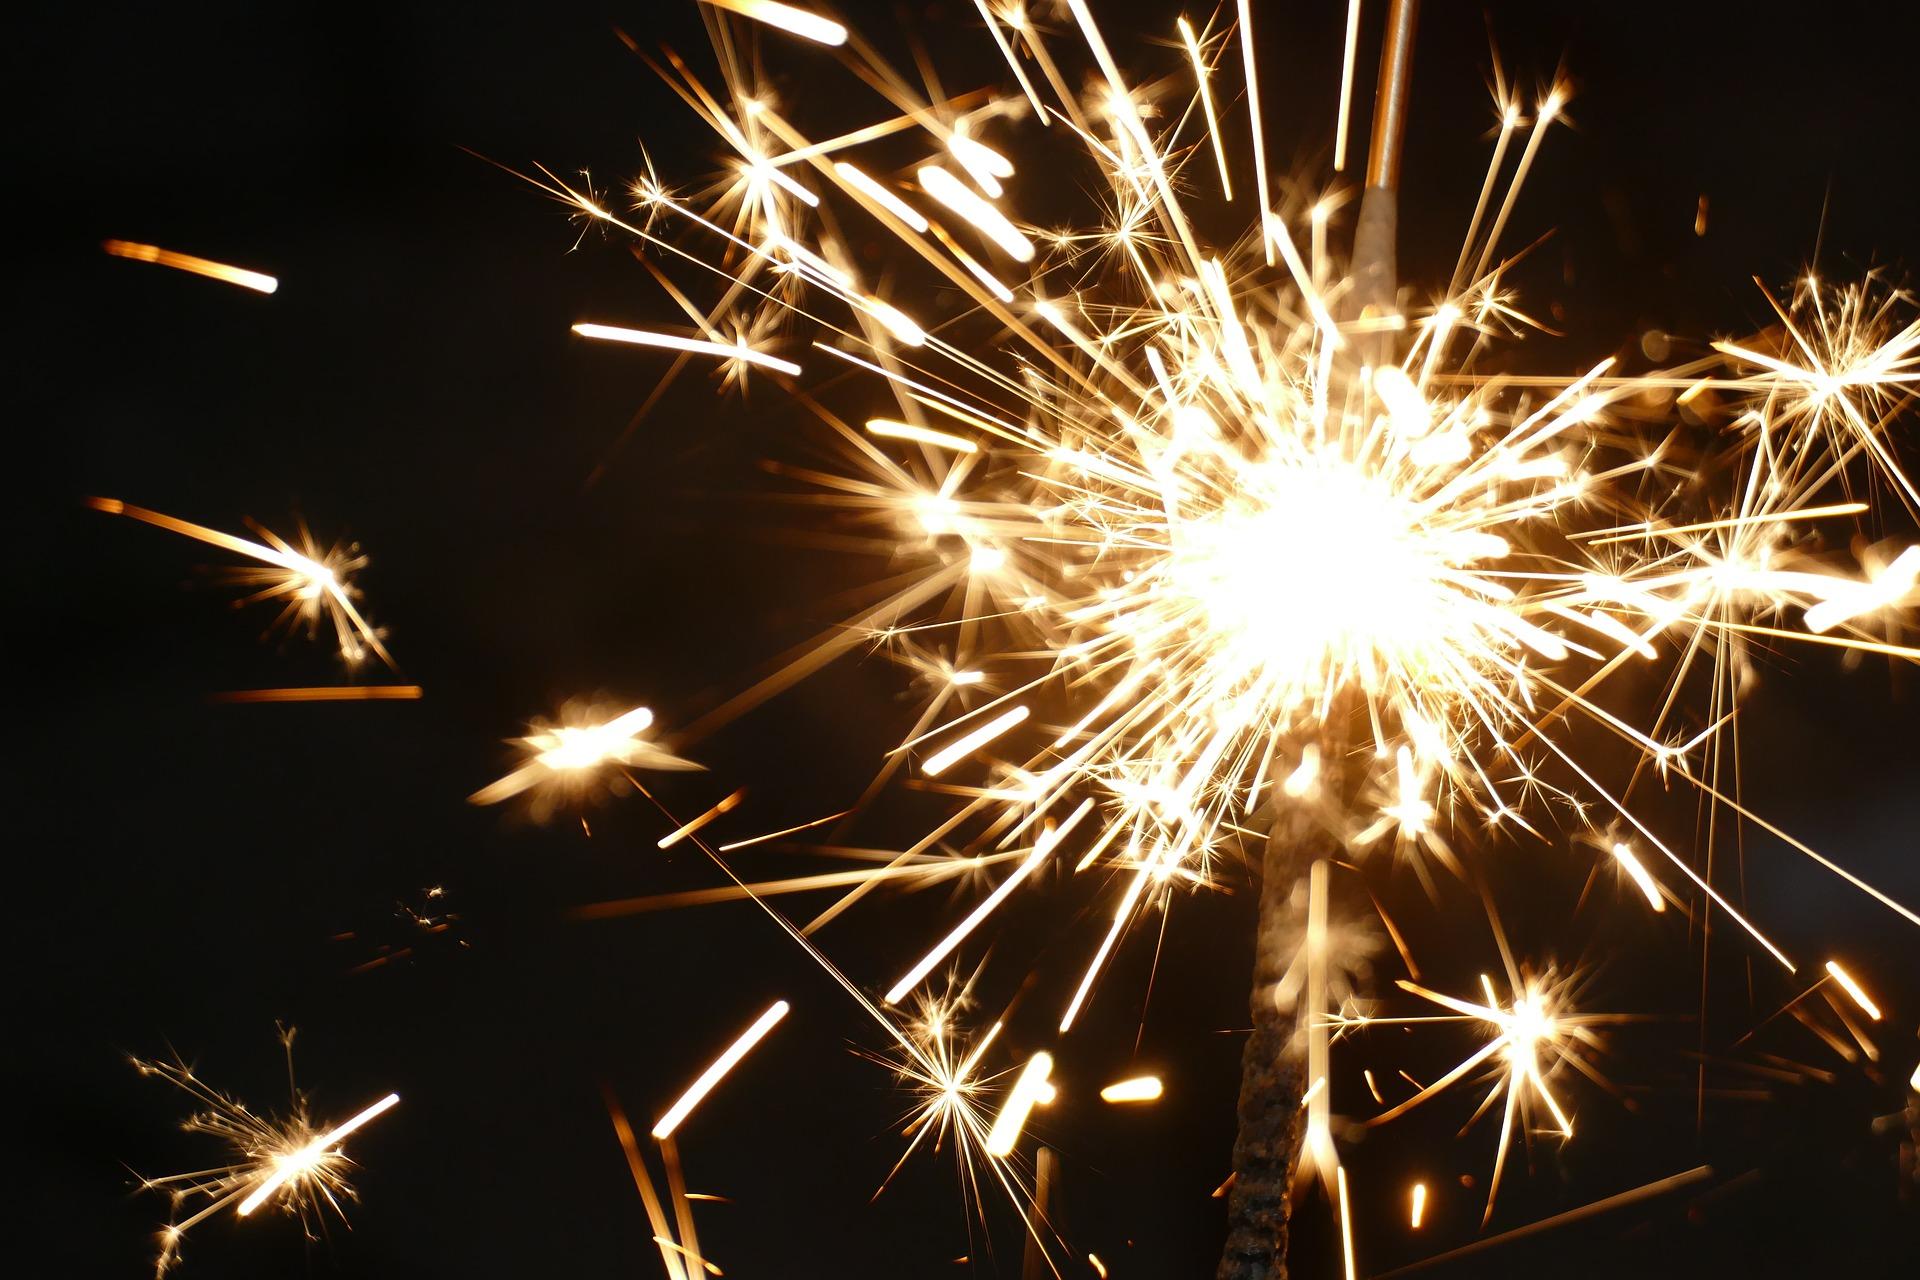 Godt nytår! Velkommen til 2018